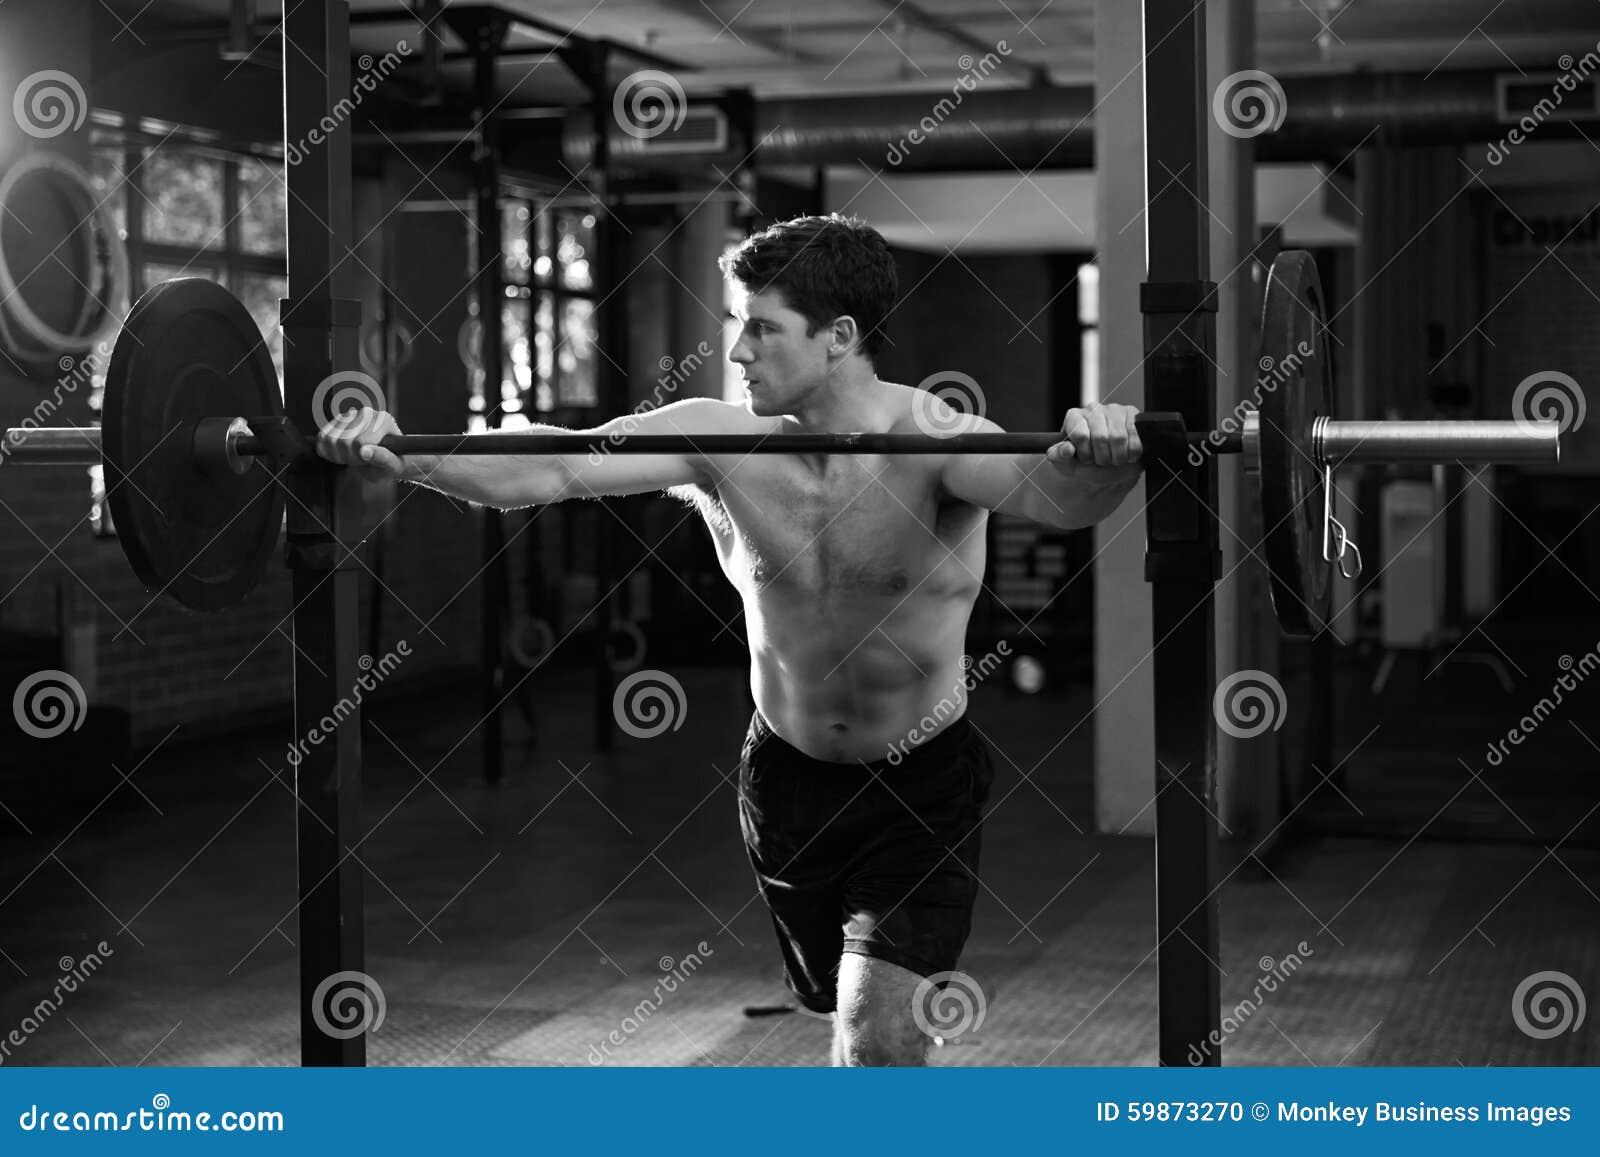 Tiro preto e branco do homem que prepara-se para levantar peso